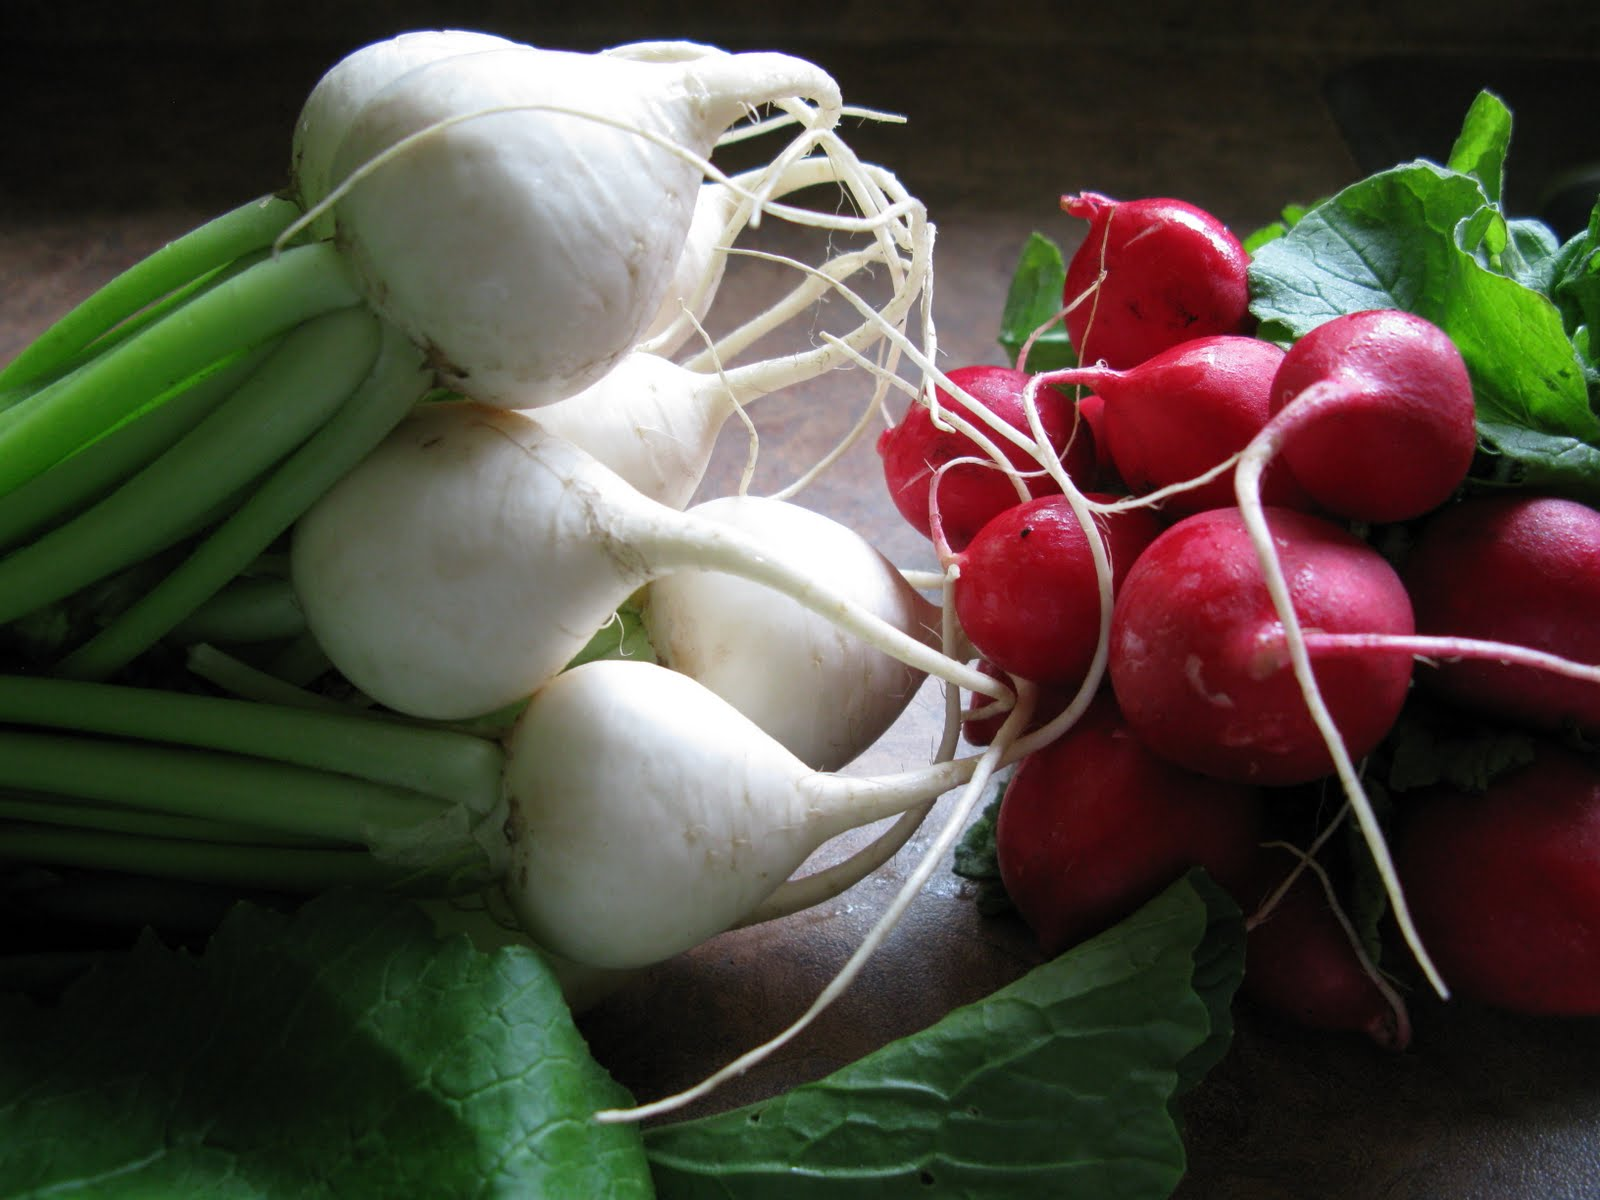 Au gr du march quand les navets se mangent crus et les radis cuits - Quand cueillir les radis ...